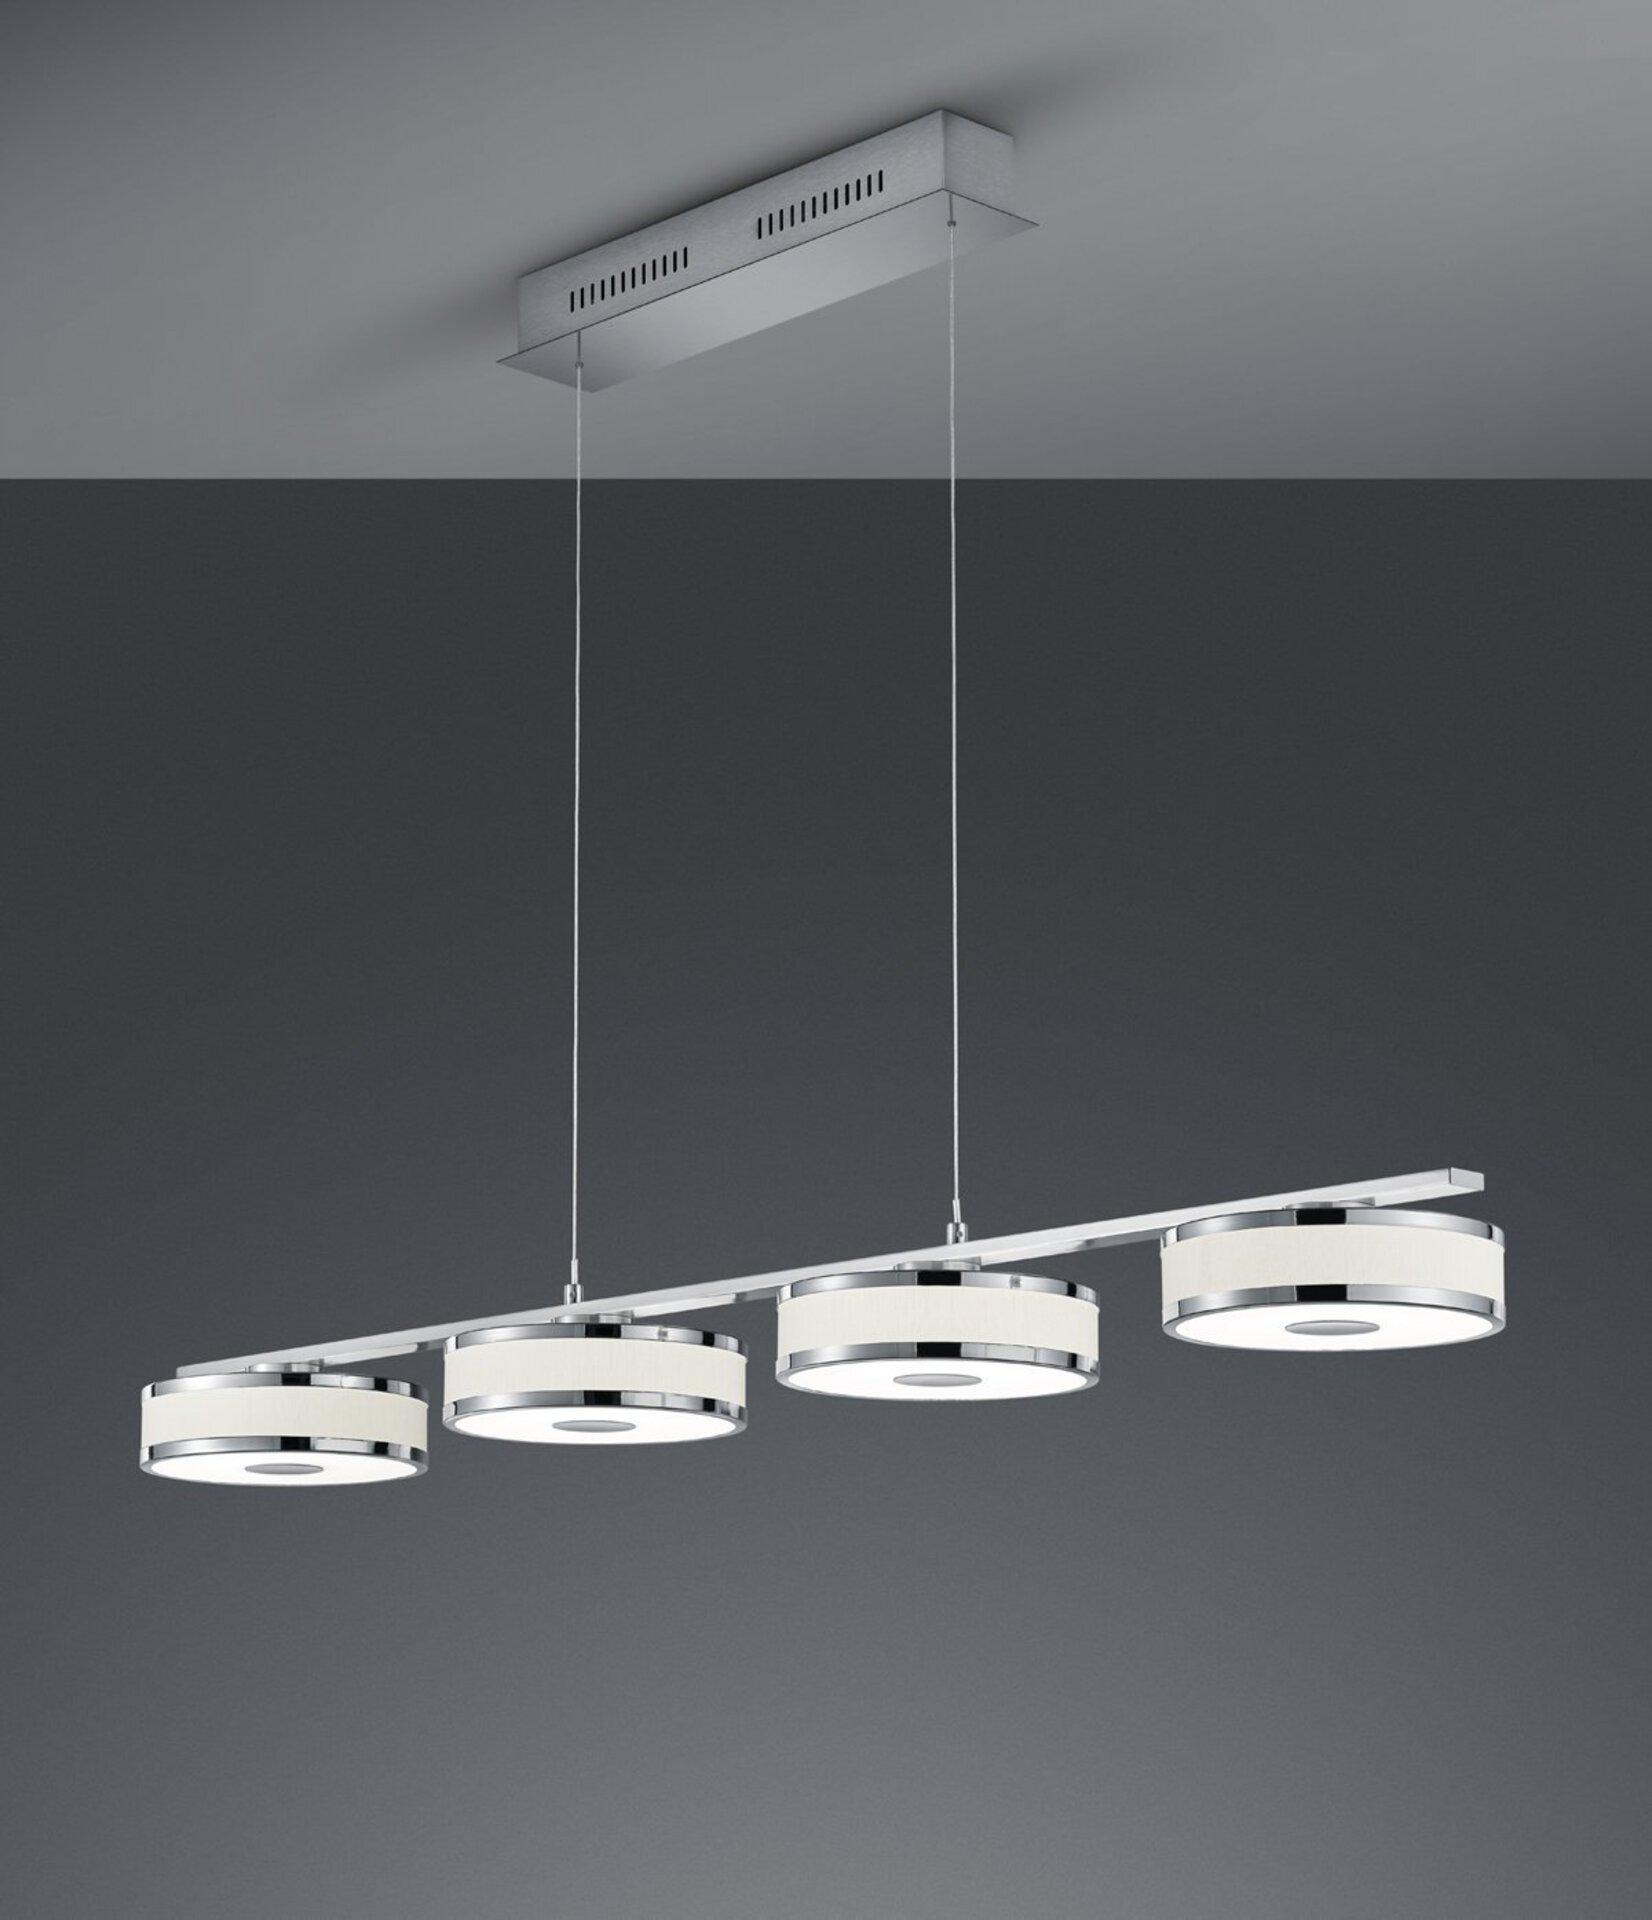 Hängeleuchte Agento Trio Leuchten Metall silber 115 x 95 x